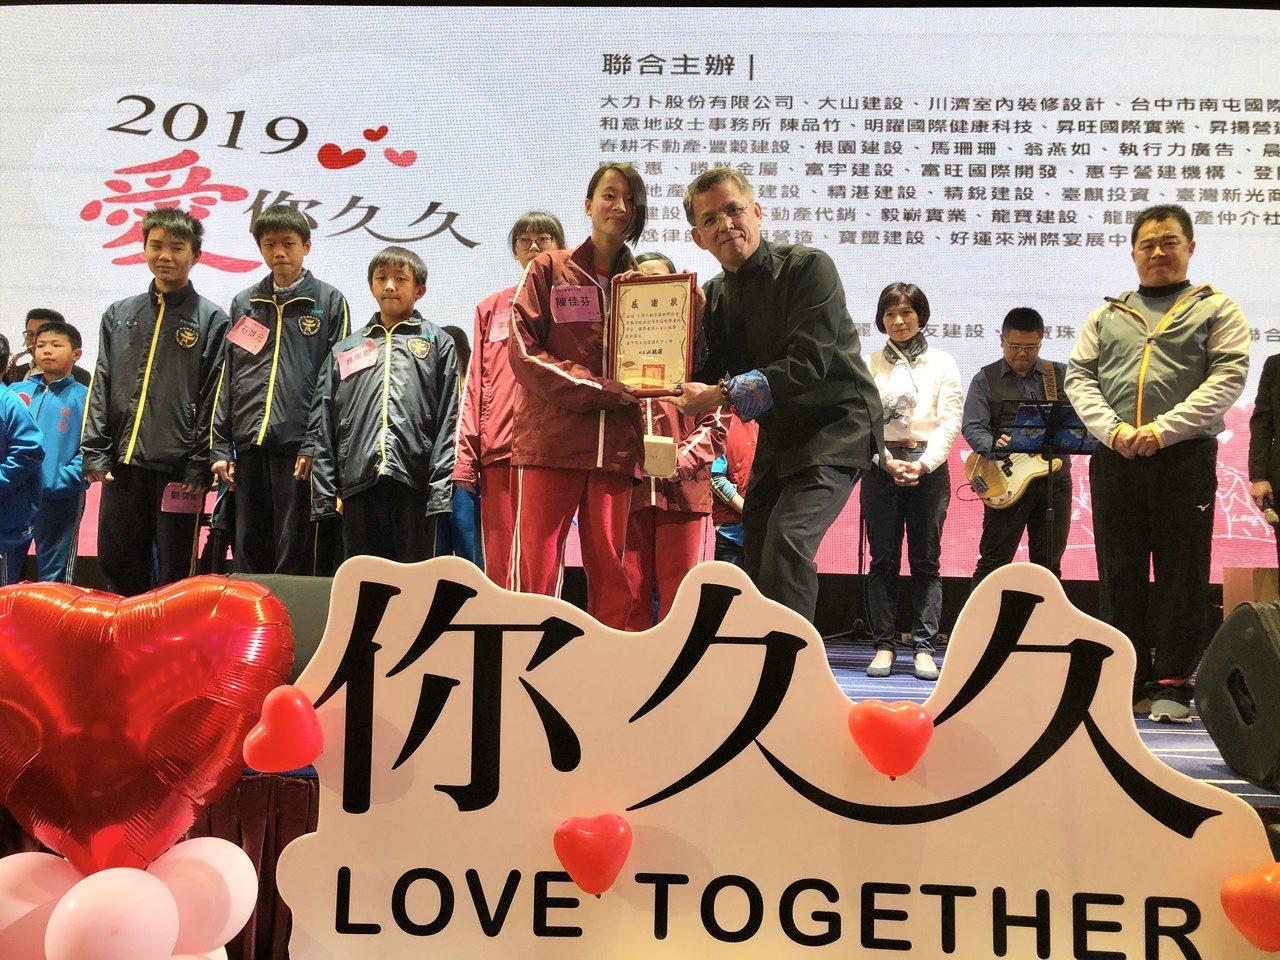 學生代表將感謝狀頒給台灣行動菩薩助學協會理事長陳志聲(右)。 記者宋健生/攝影